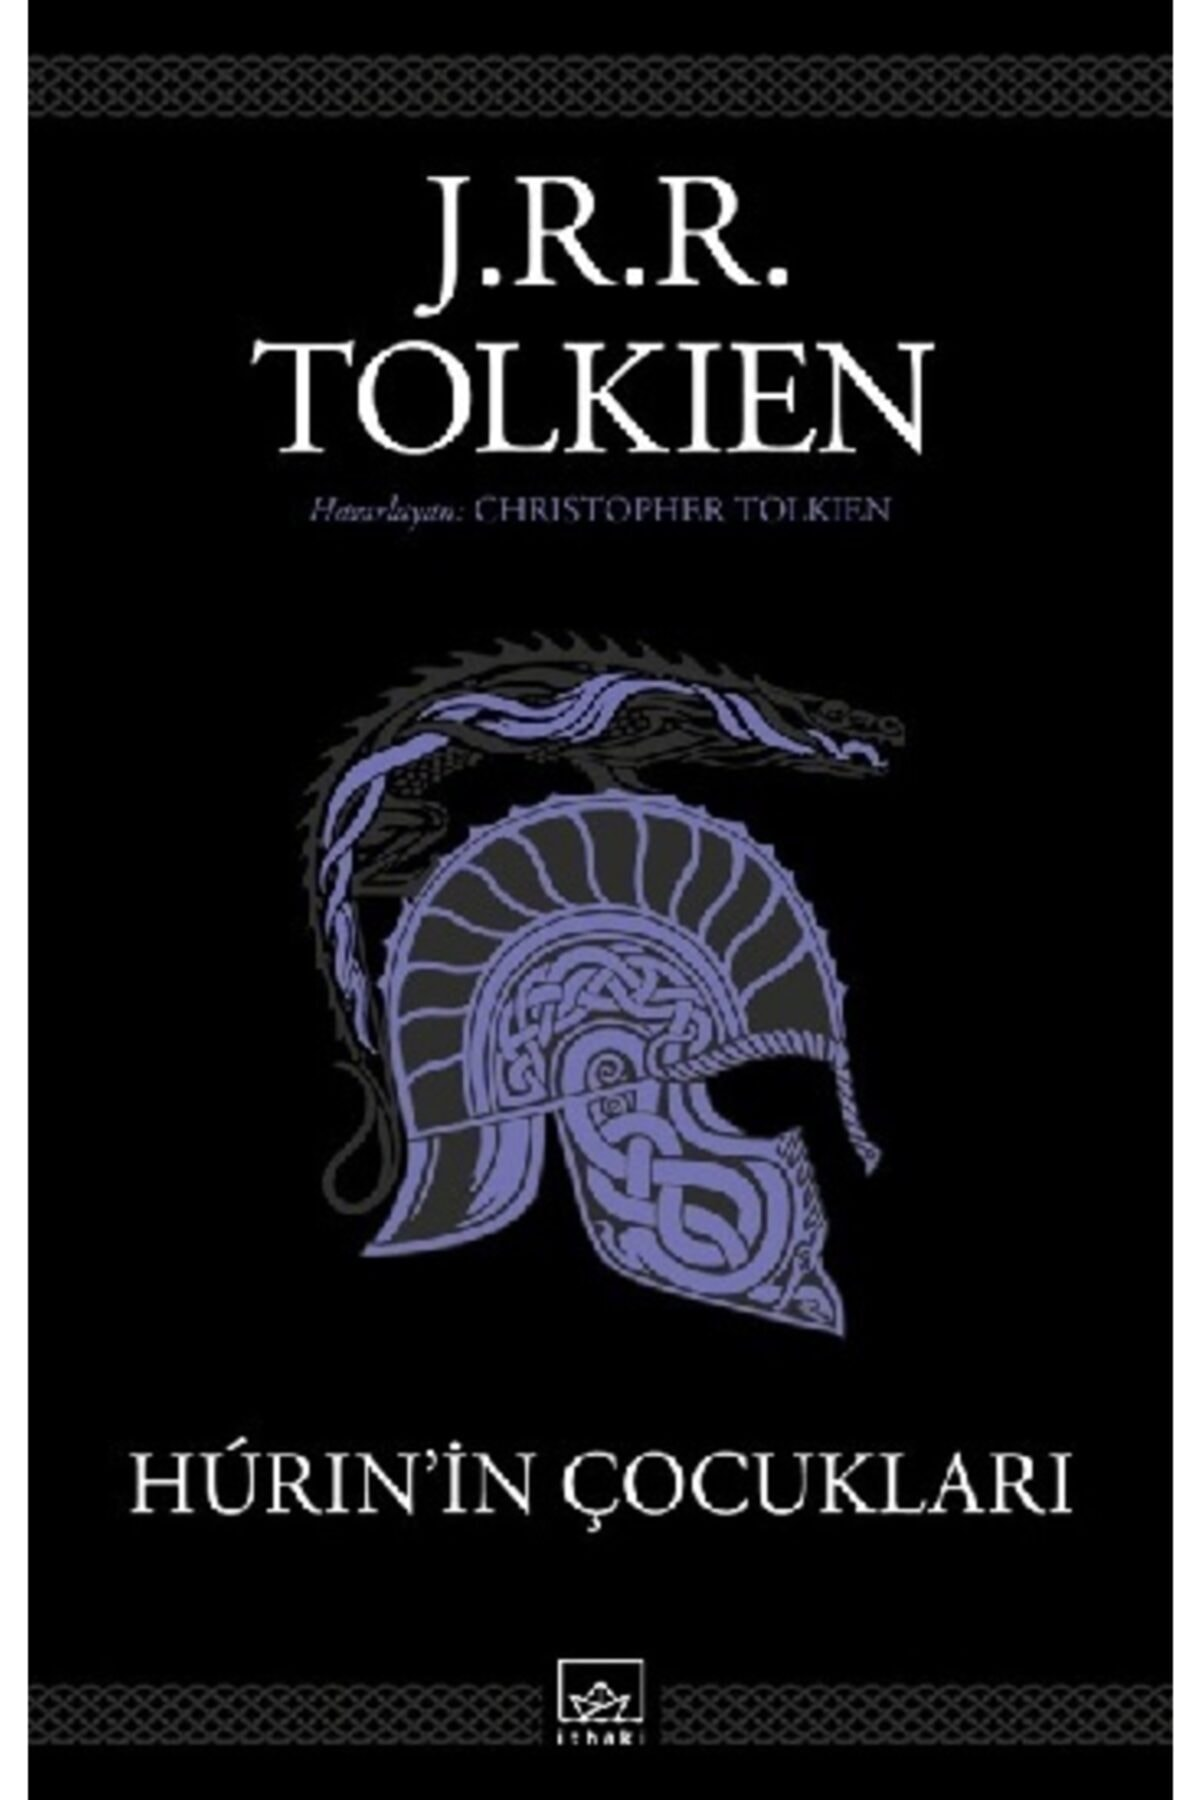 İthaki Yayınları Hurin'in Çocukları - - J.r.r. Tolkien 1